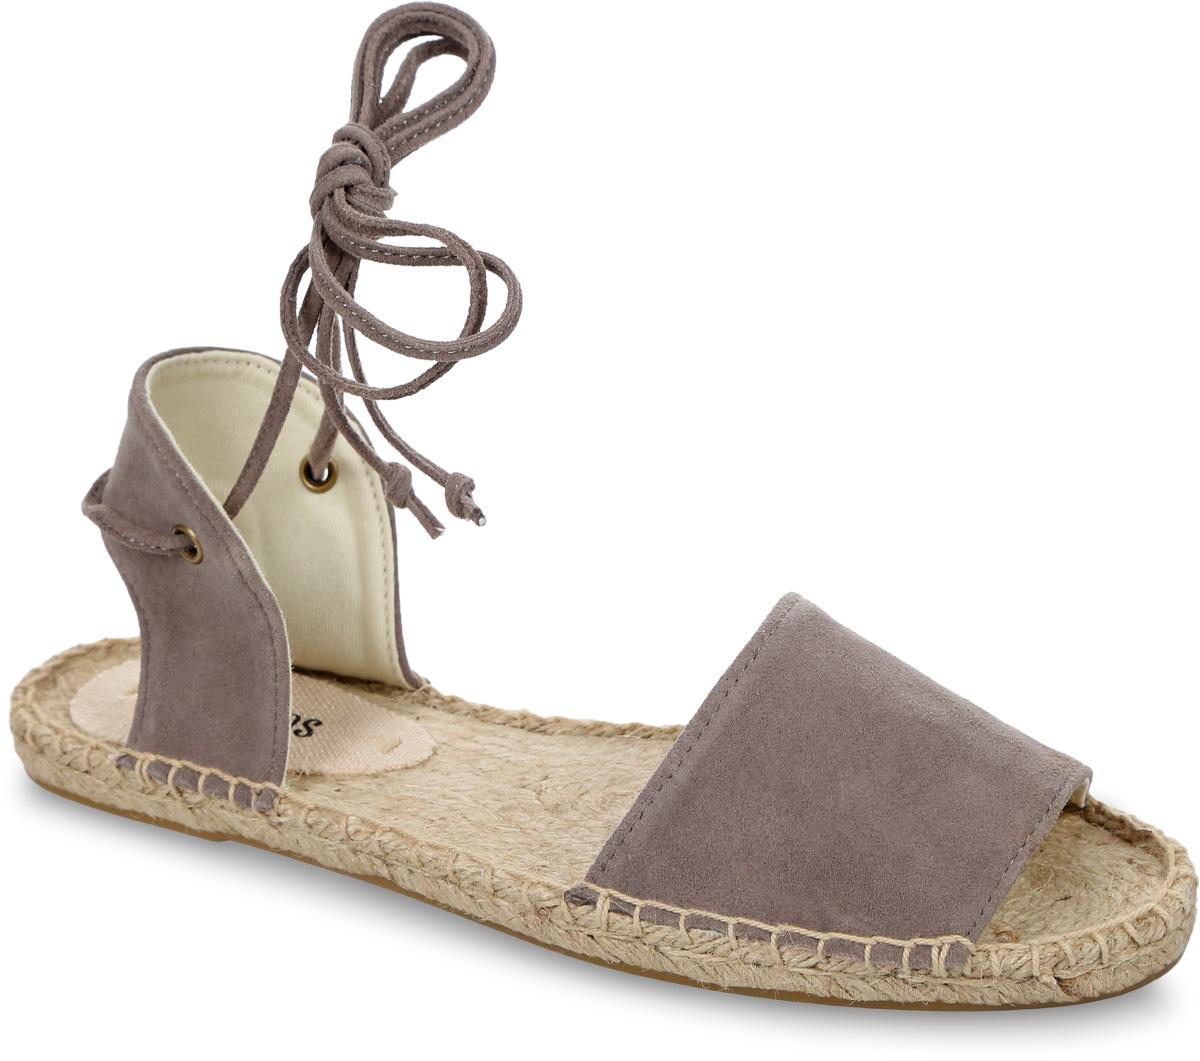 Сандалии женские Soludos Suede Balearic Tie-Up Sandal, цвет: светло-серый. 1000142. Размер 7 (37)1000142-DOVE GRAYСтильные женские сандалии Suede Balearic Tie-Up Sandal от Soludos изготовлены из натуральной высококачественной замши и оформлены крупными декоративными стежками вдоль ранта. Модель фиксируется на ноге при помощи завязок, расположенных на заднике. Внутренняя поверхность и стелька выполнены из текстиля, отвечающего за комфорт при движении. Верхняя часть подошвы изготовлена из плетеной джутовой нити, нижняя часть - из резины. Подошва дополнена рифленой поверхностью.